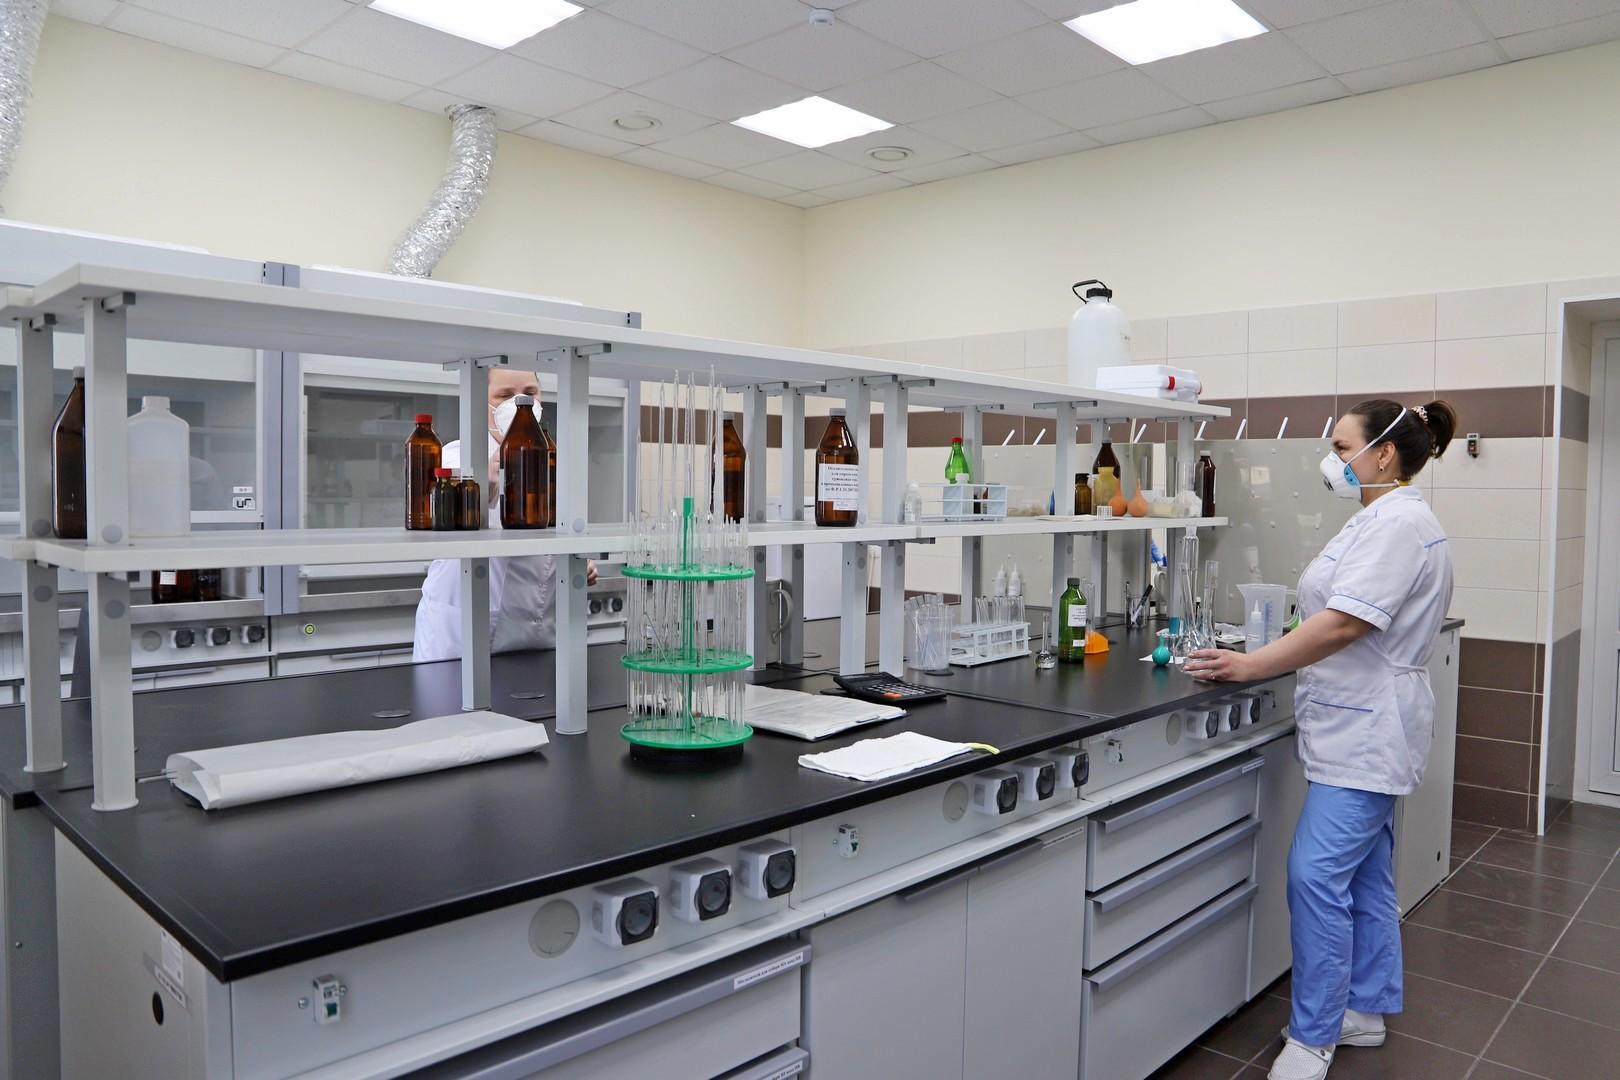 Волгоградский алюминиевый завод лаборатория